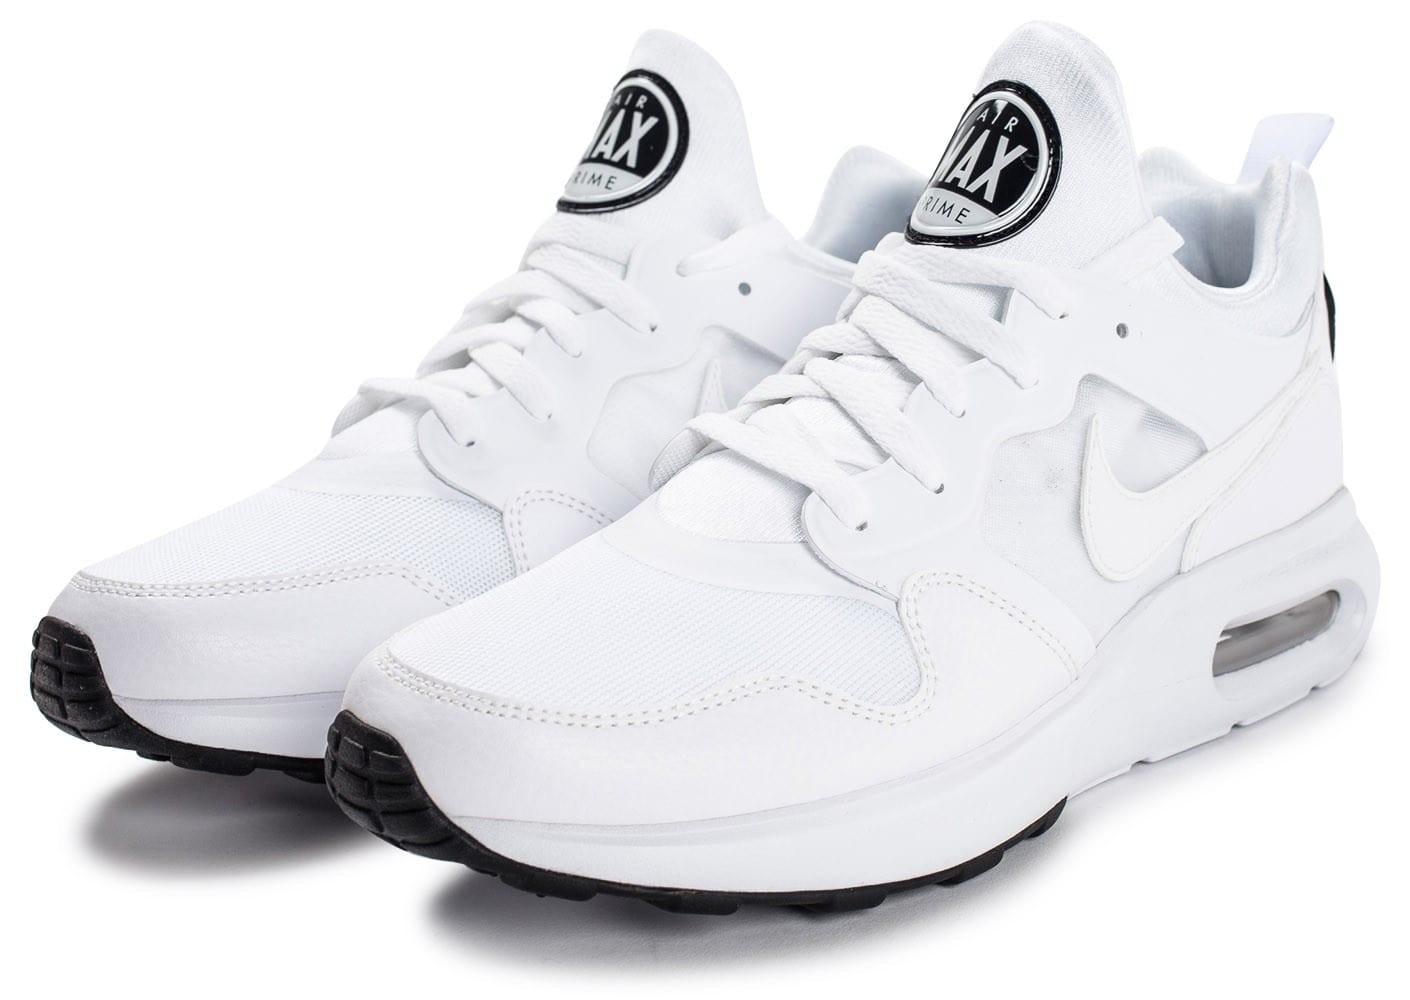 Nouveautes Nike Chaussures Chaussures Chaussures Nouveautes Nouveautes Nike Chaussures Nike Nike Nouveautes E29DIWH